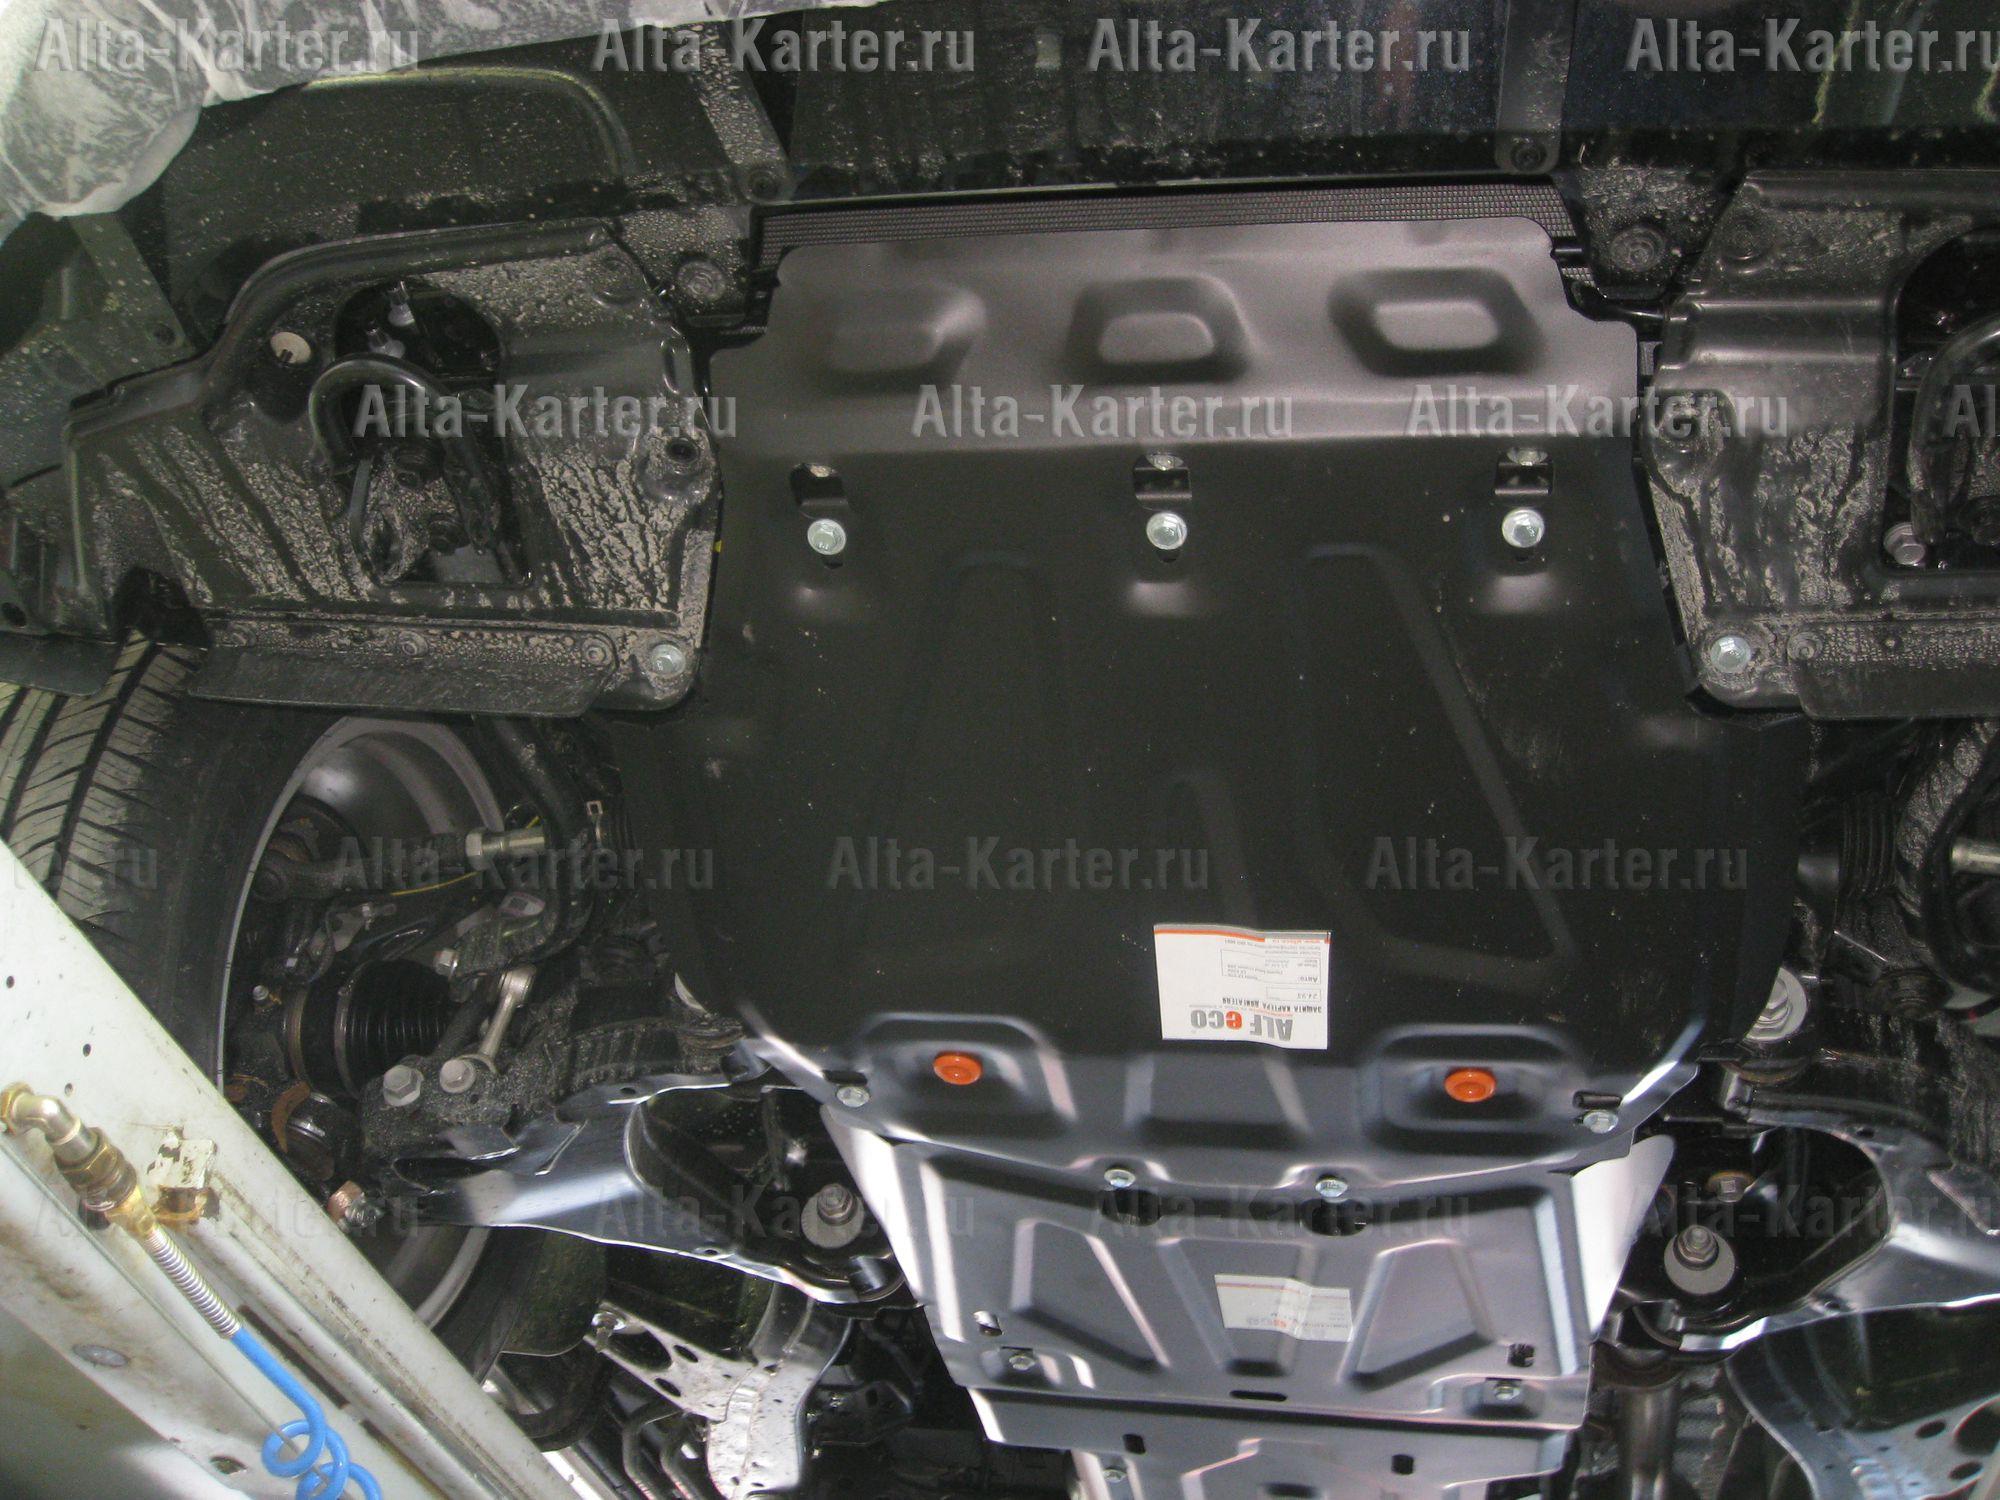 Защита Alfeco для радиатора, картера и КПП Toyota Land Cruiser 200 2015-2021. Артикул ALF.24.95,96,97